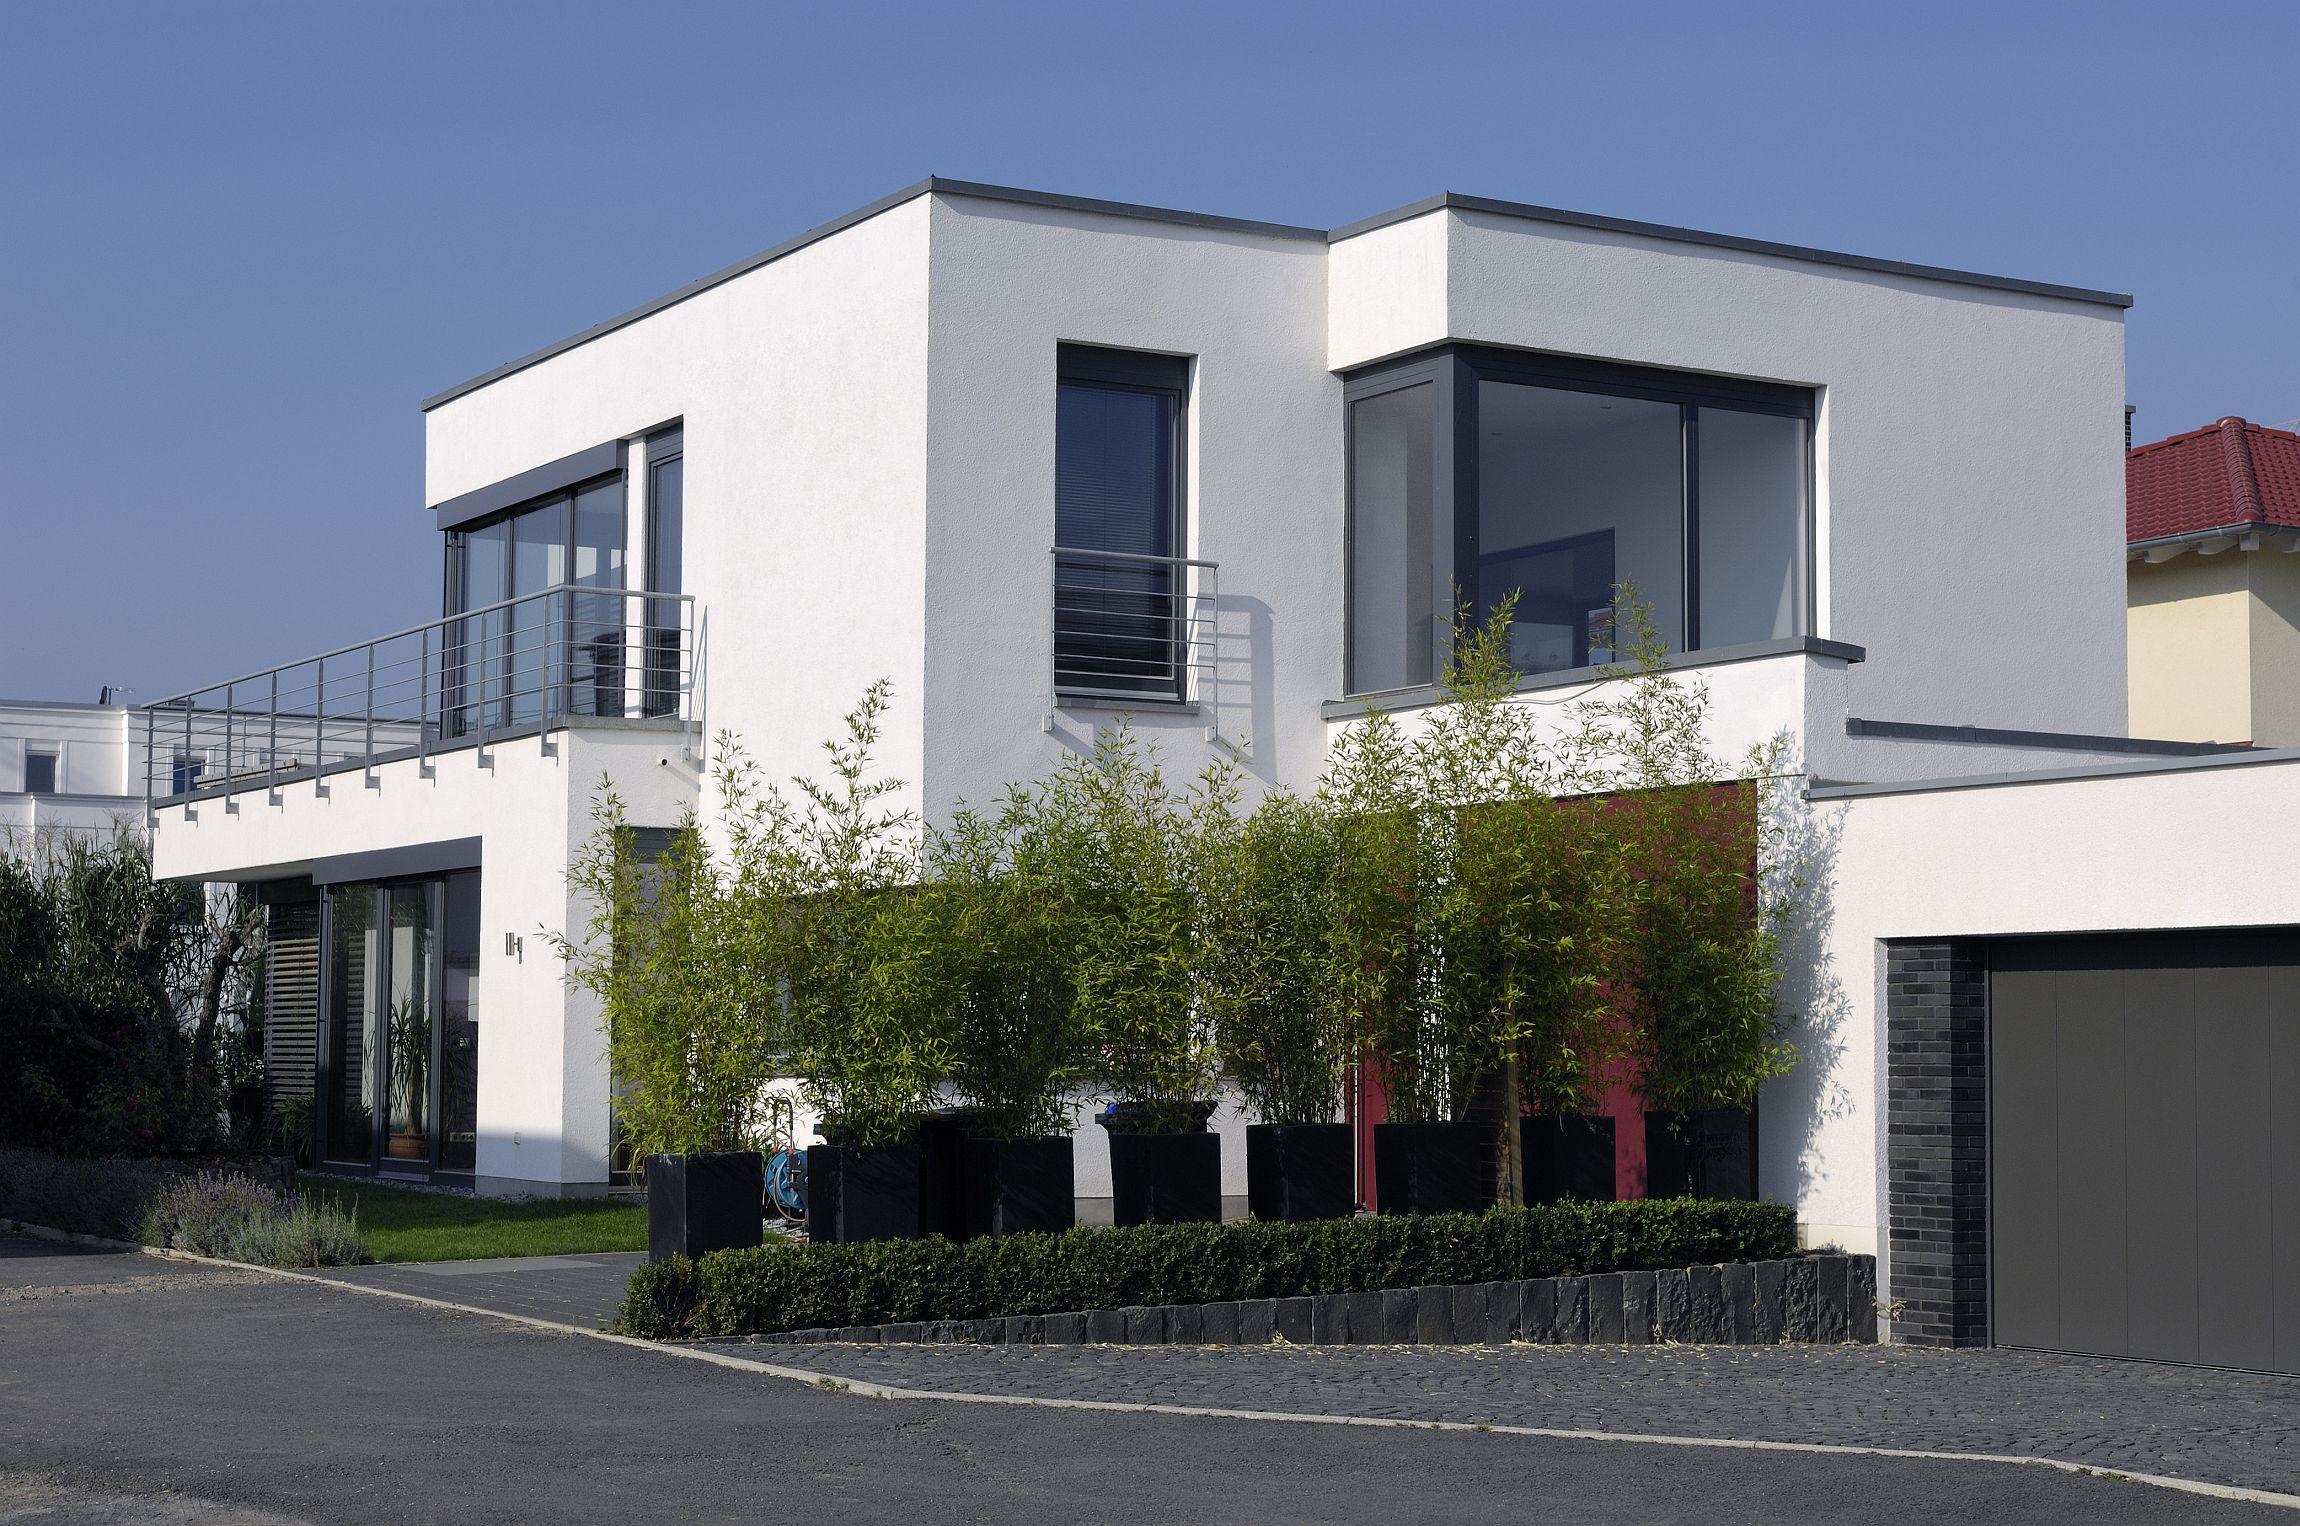 Modernes Haus mit Flachach